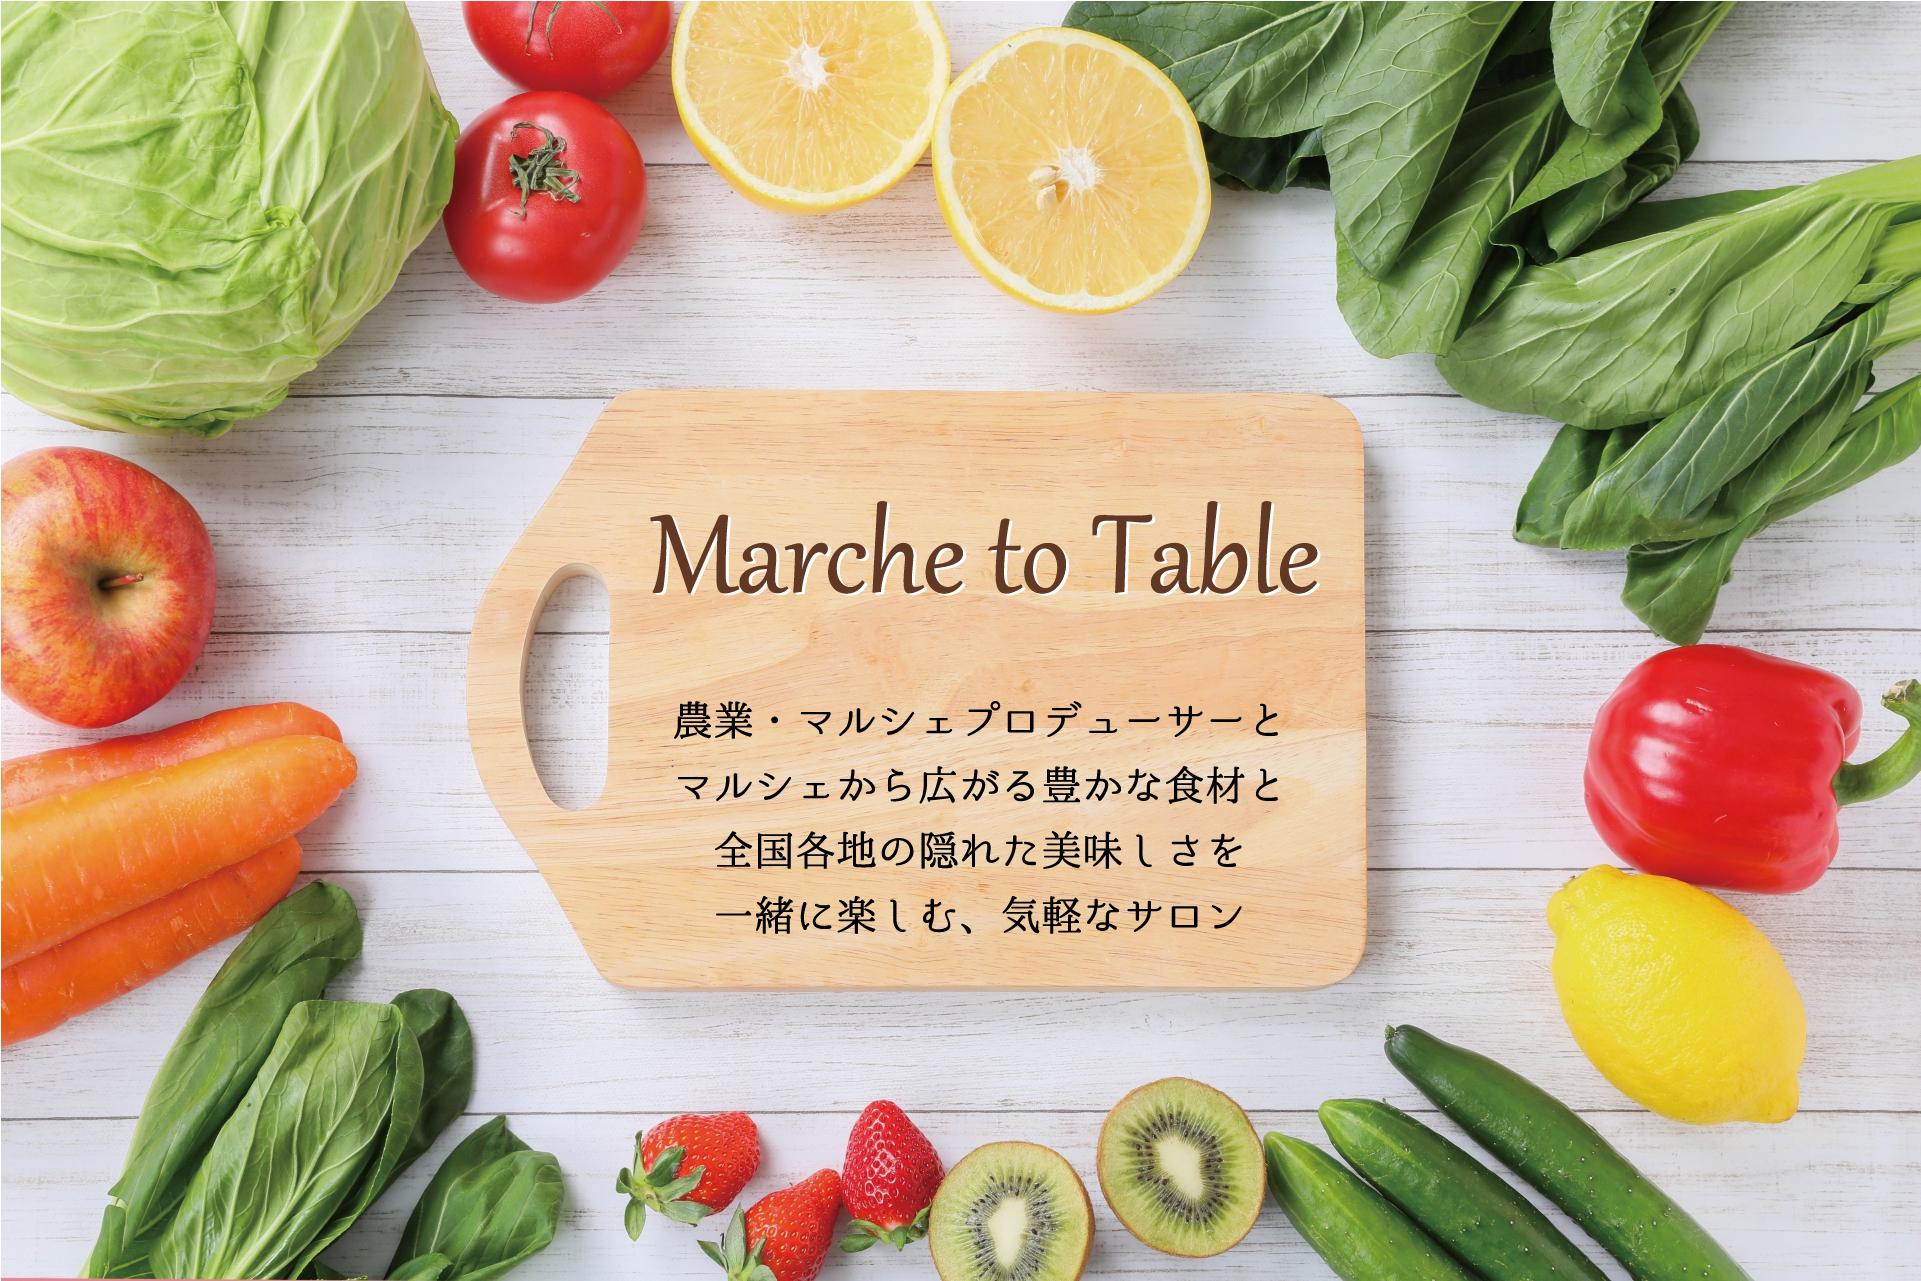 オンラインサロン「Marche to Table」開設